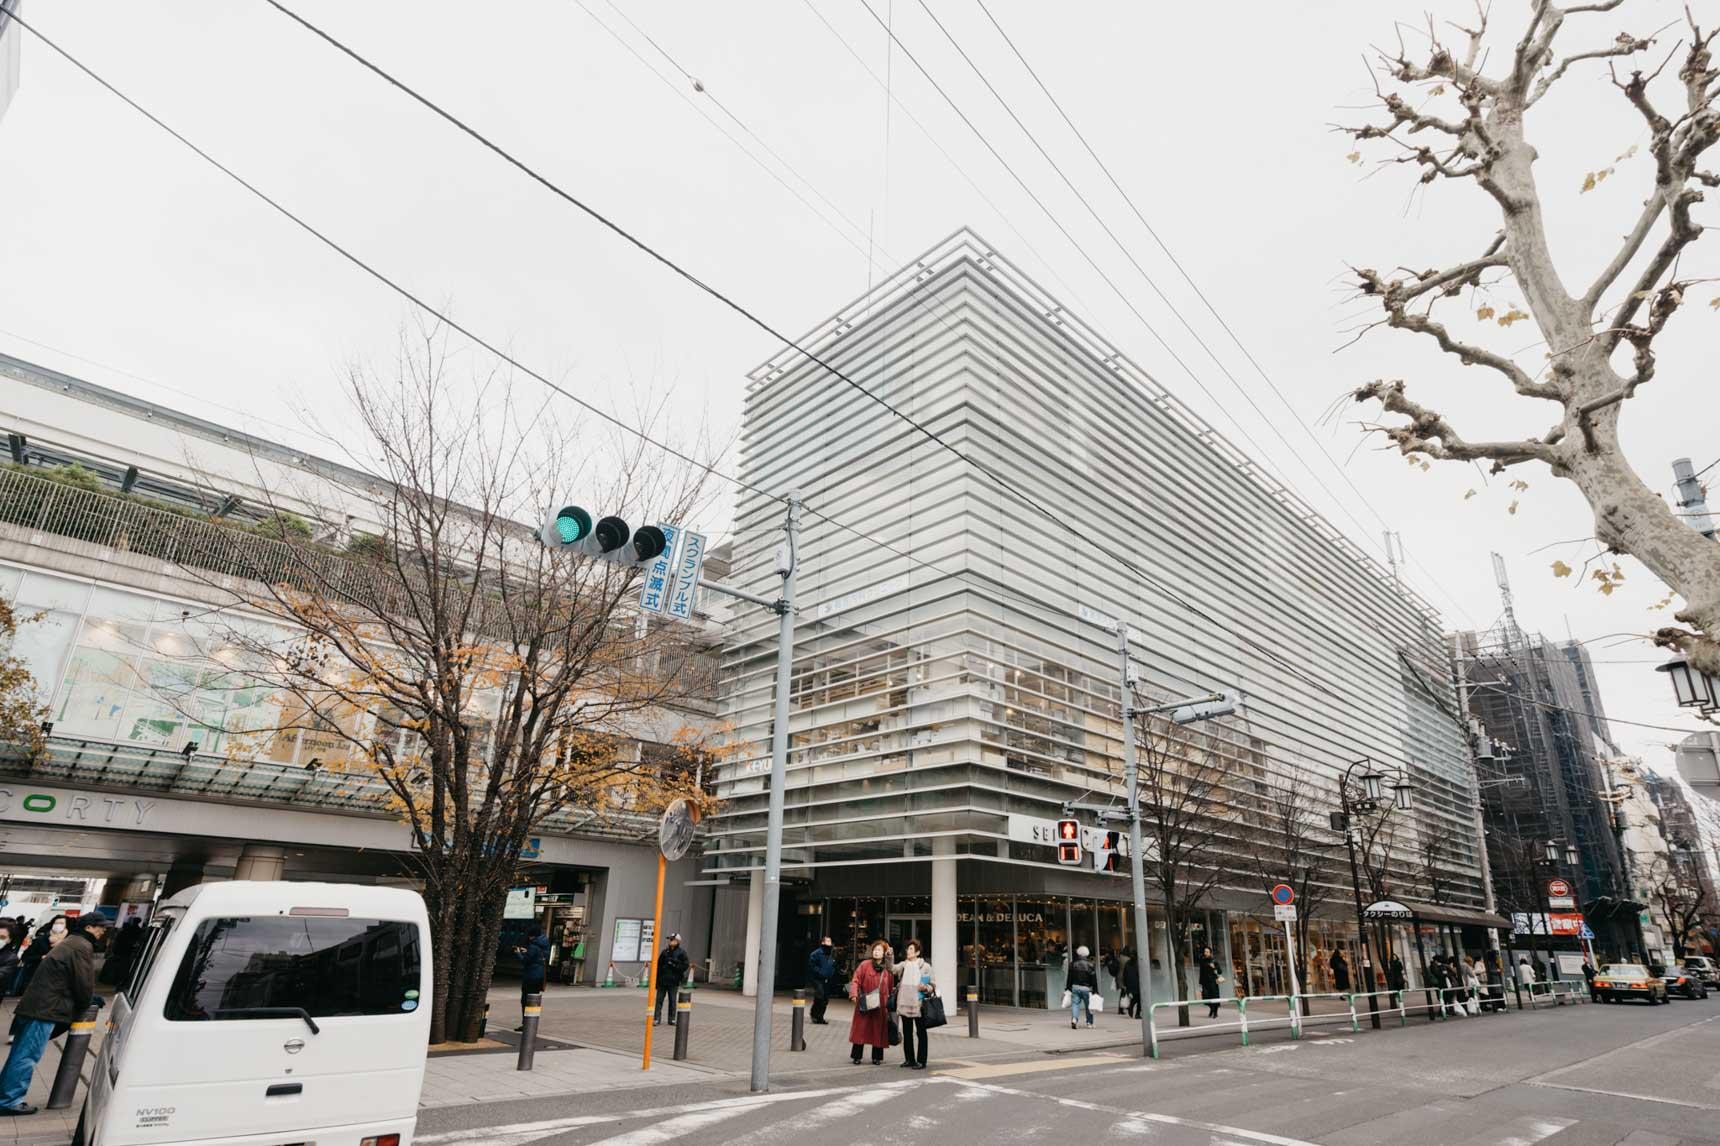 成城学園前といえば、おだやかな街並みに定評のある小田急線沿線の中でもよく知られた高級住宅街です。駅直結のショッピングモール「成城コルティ」にも、おしゃれなお店がたくさん入っています。